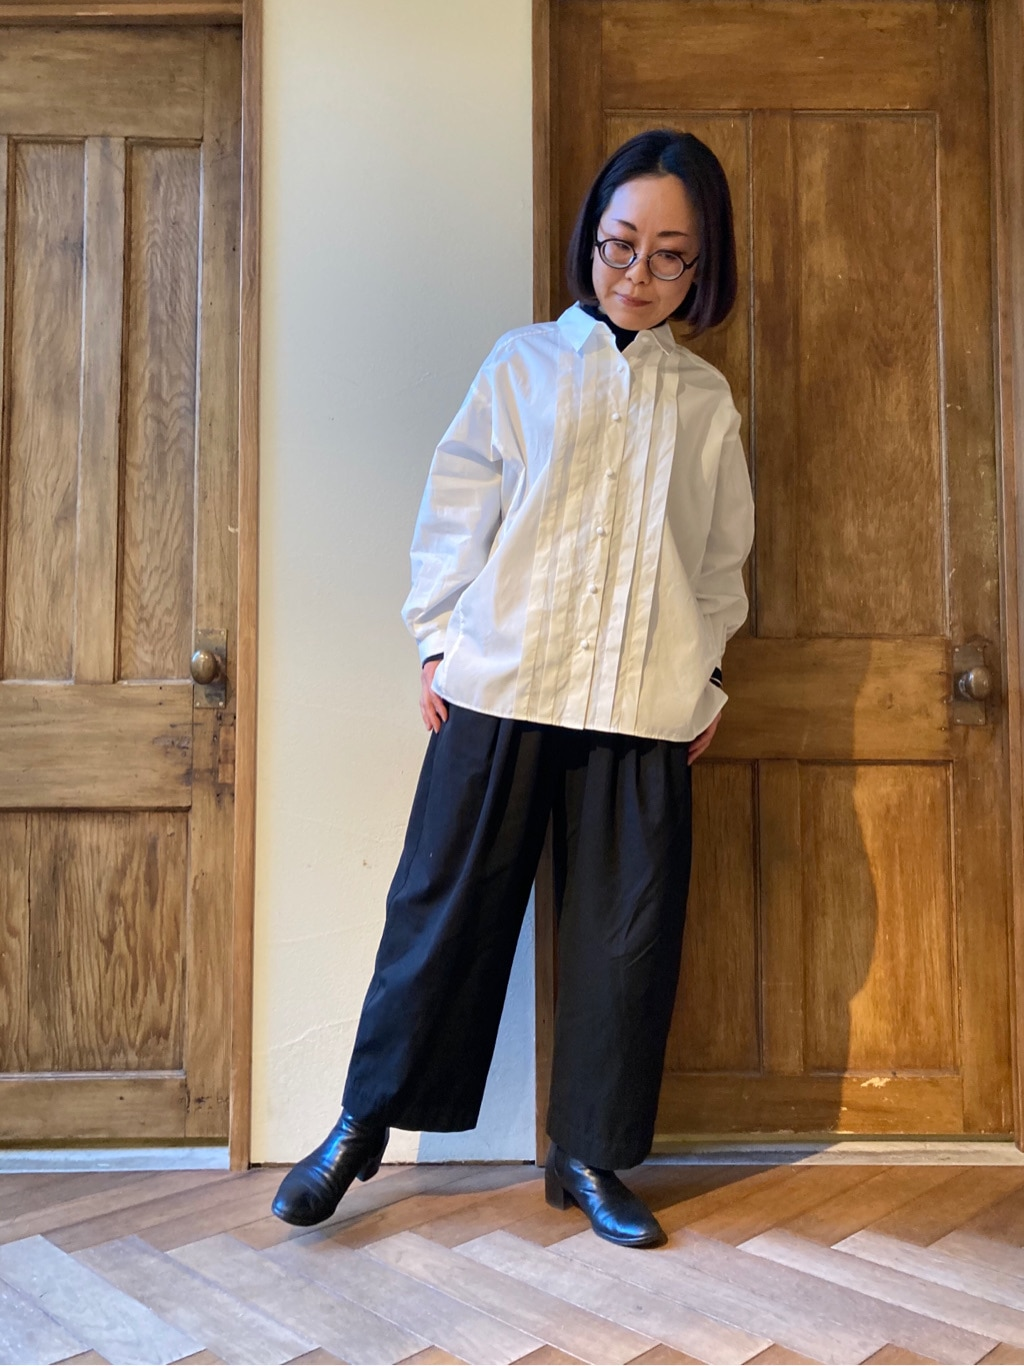 yuni 京都路面 身長:152cm 2021.01.26